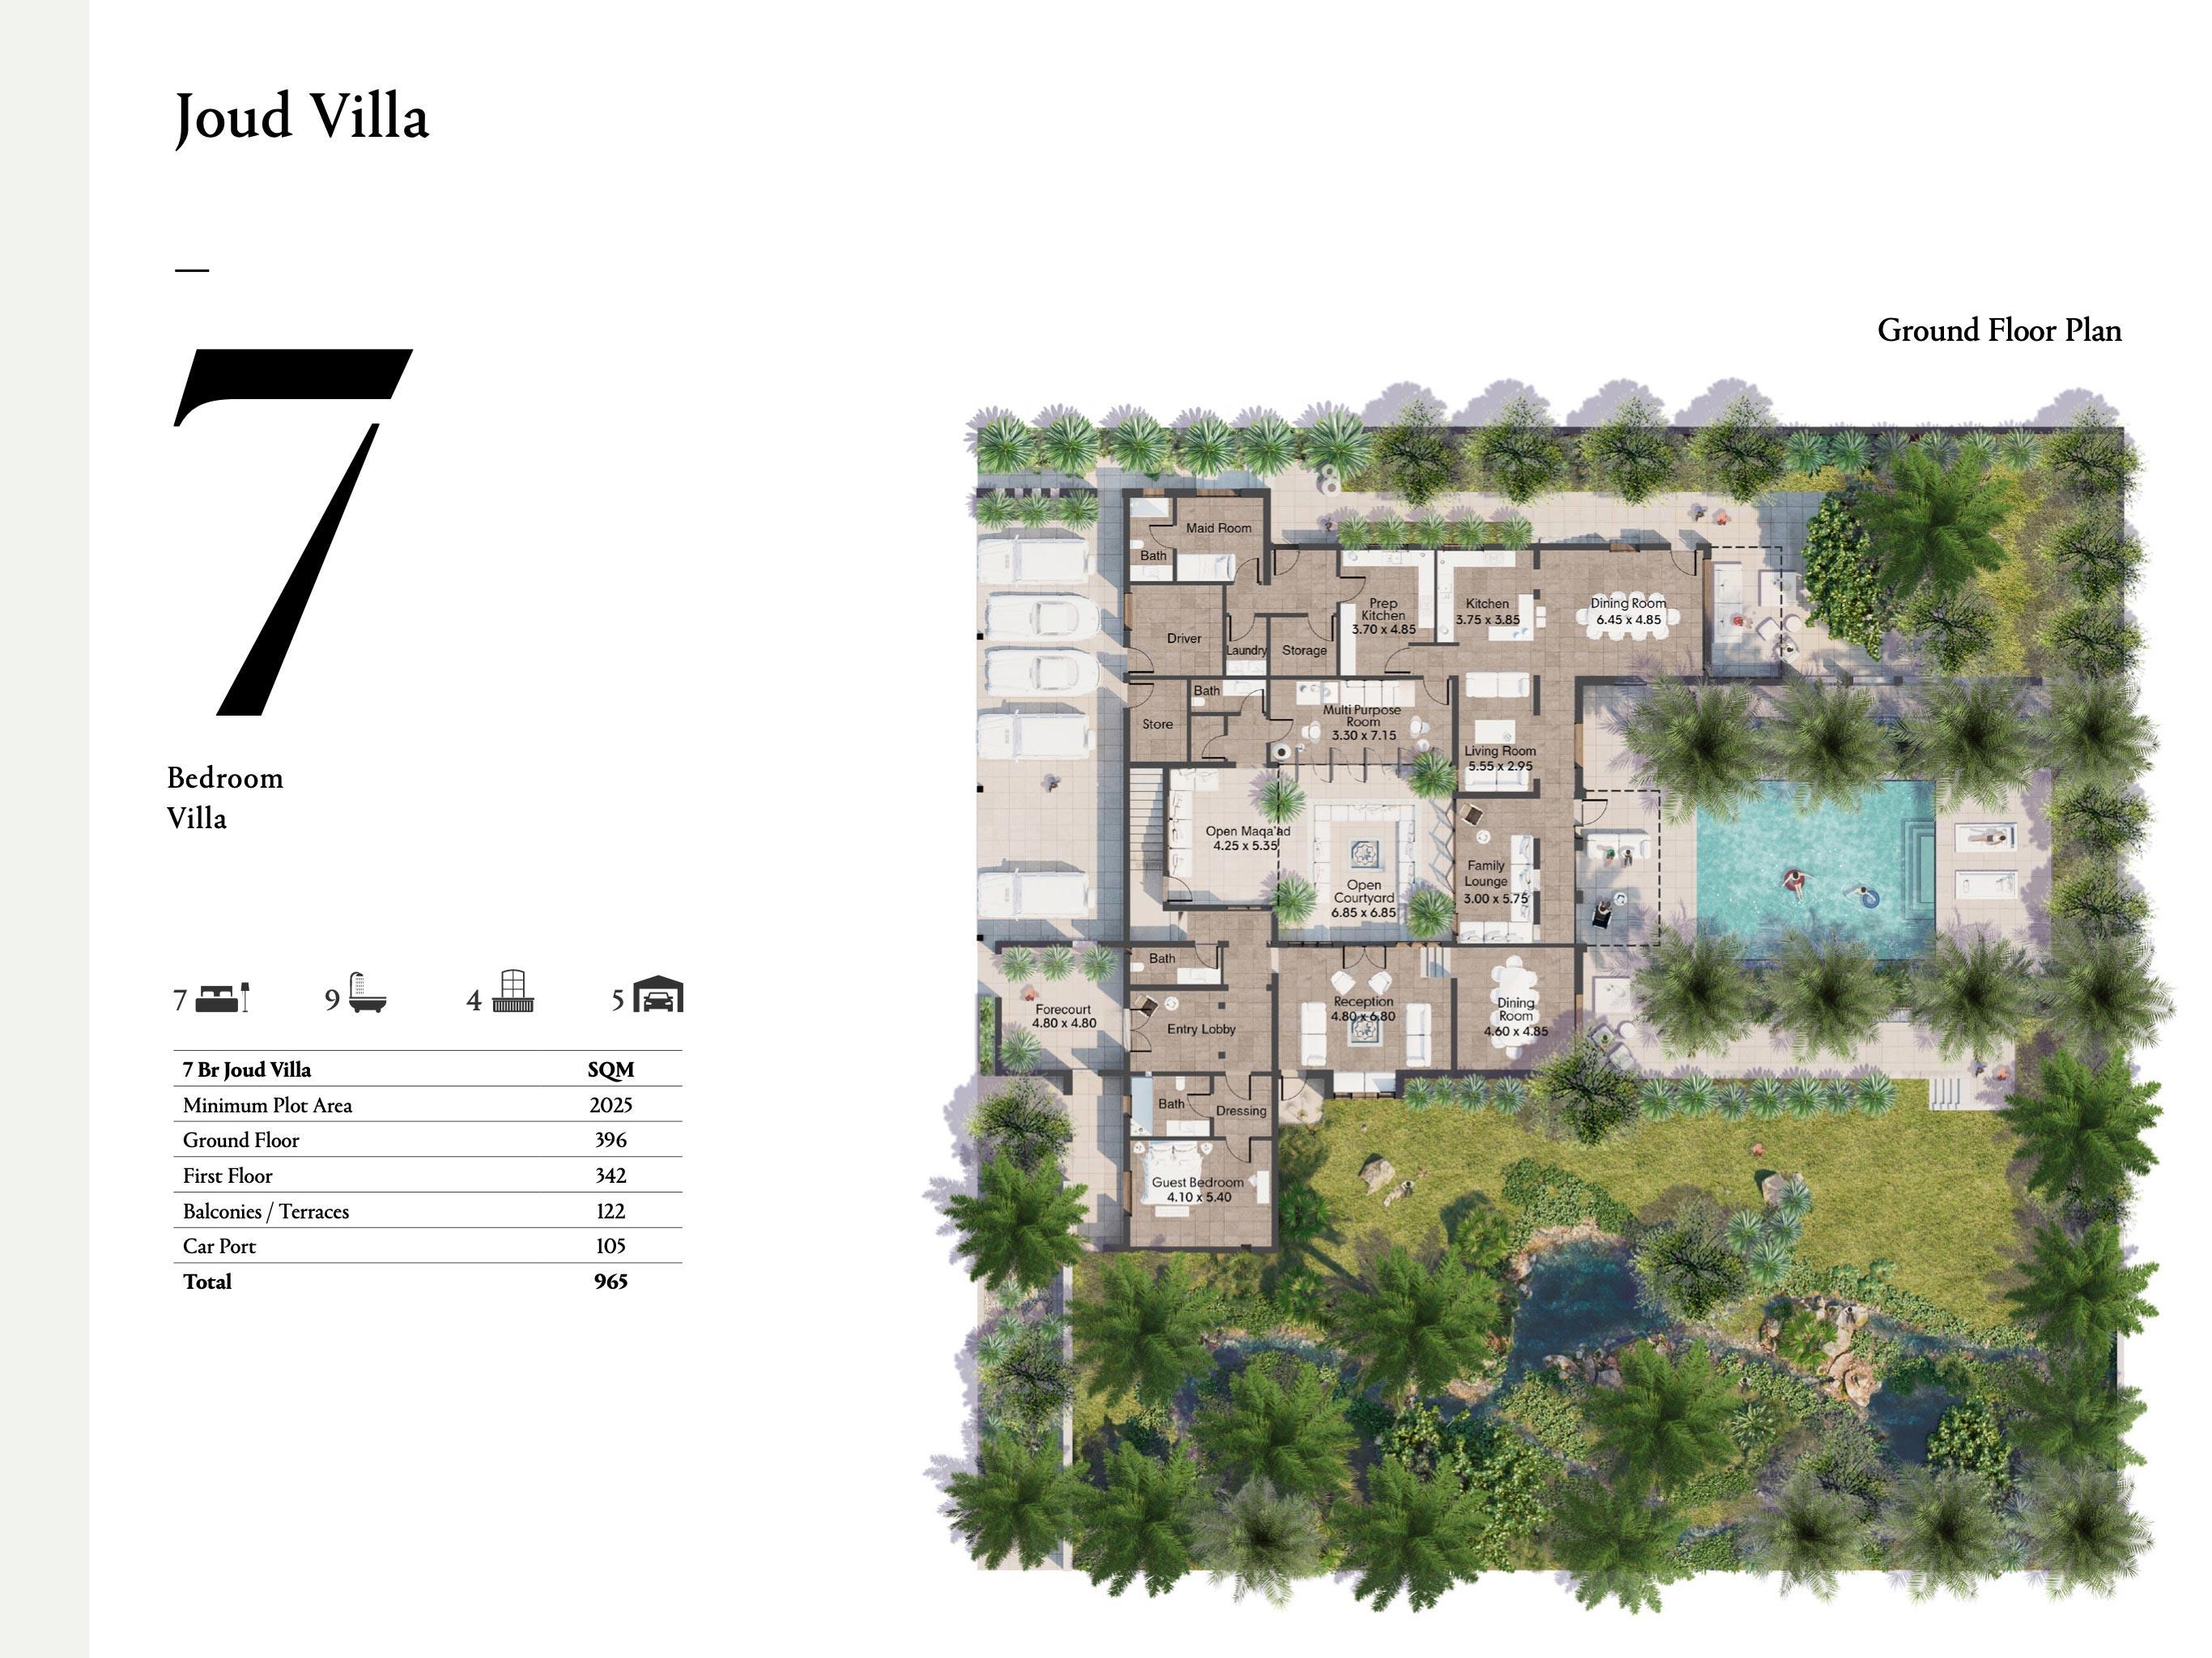 Joud Villa 7 Bedroom Size 965 sqm